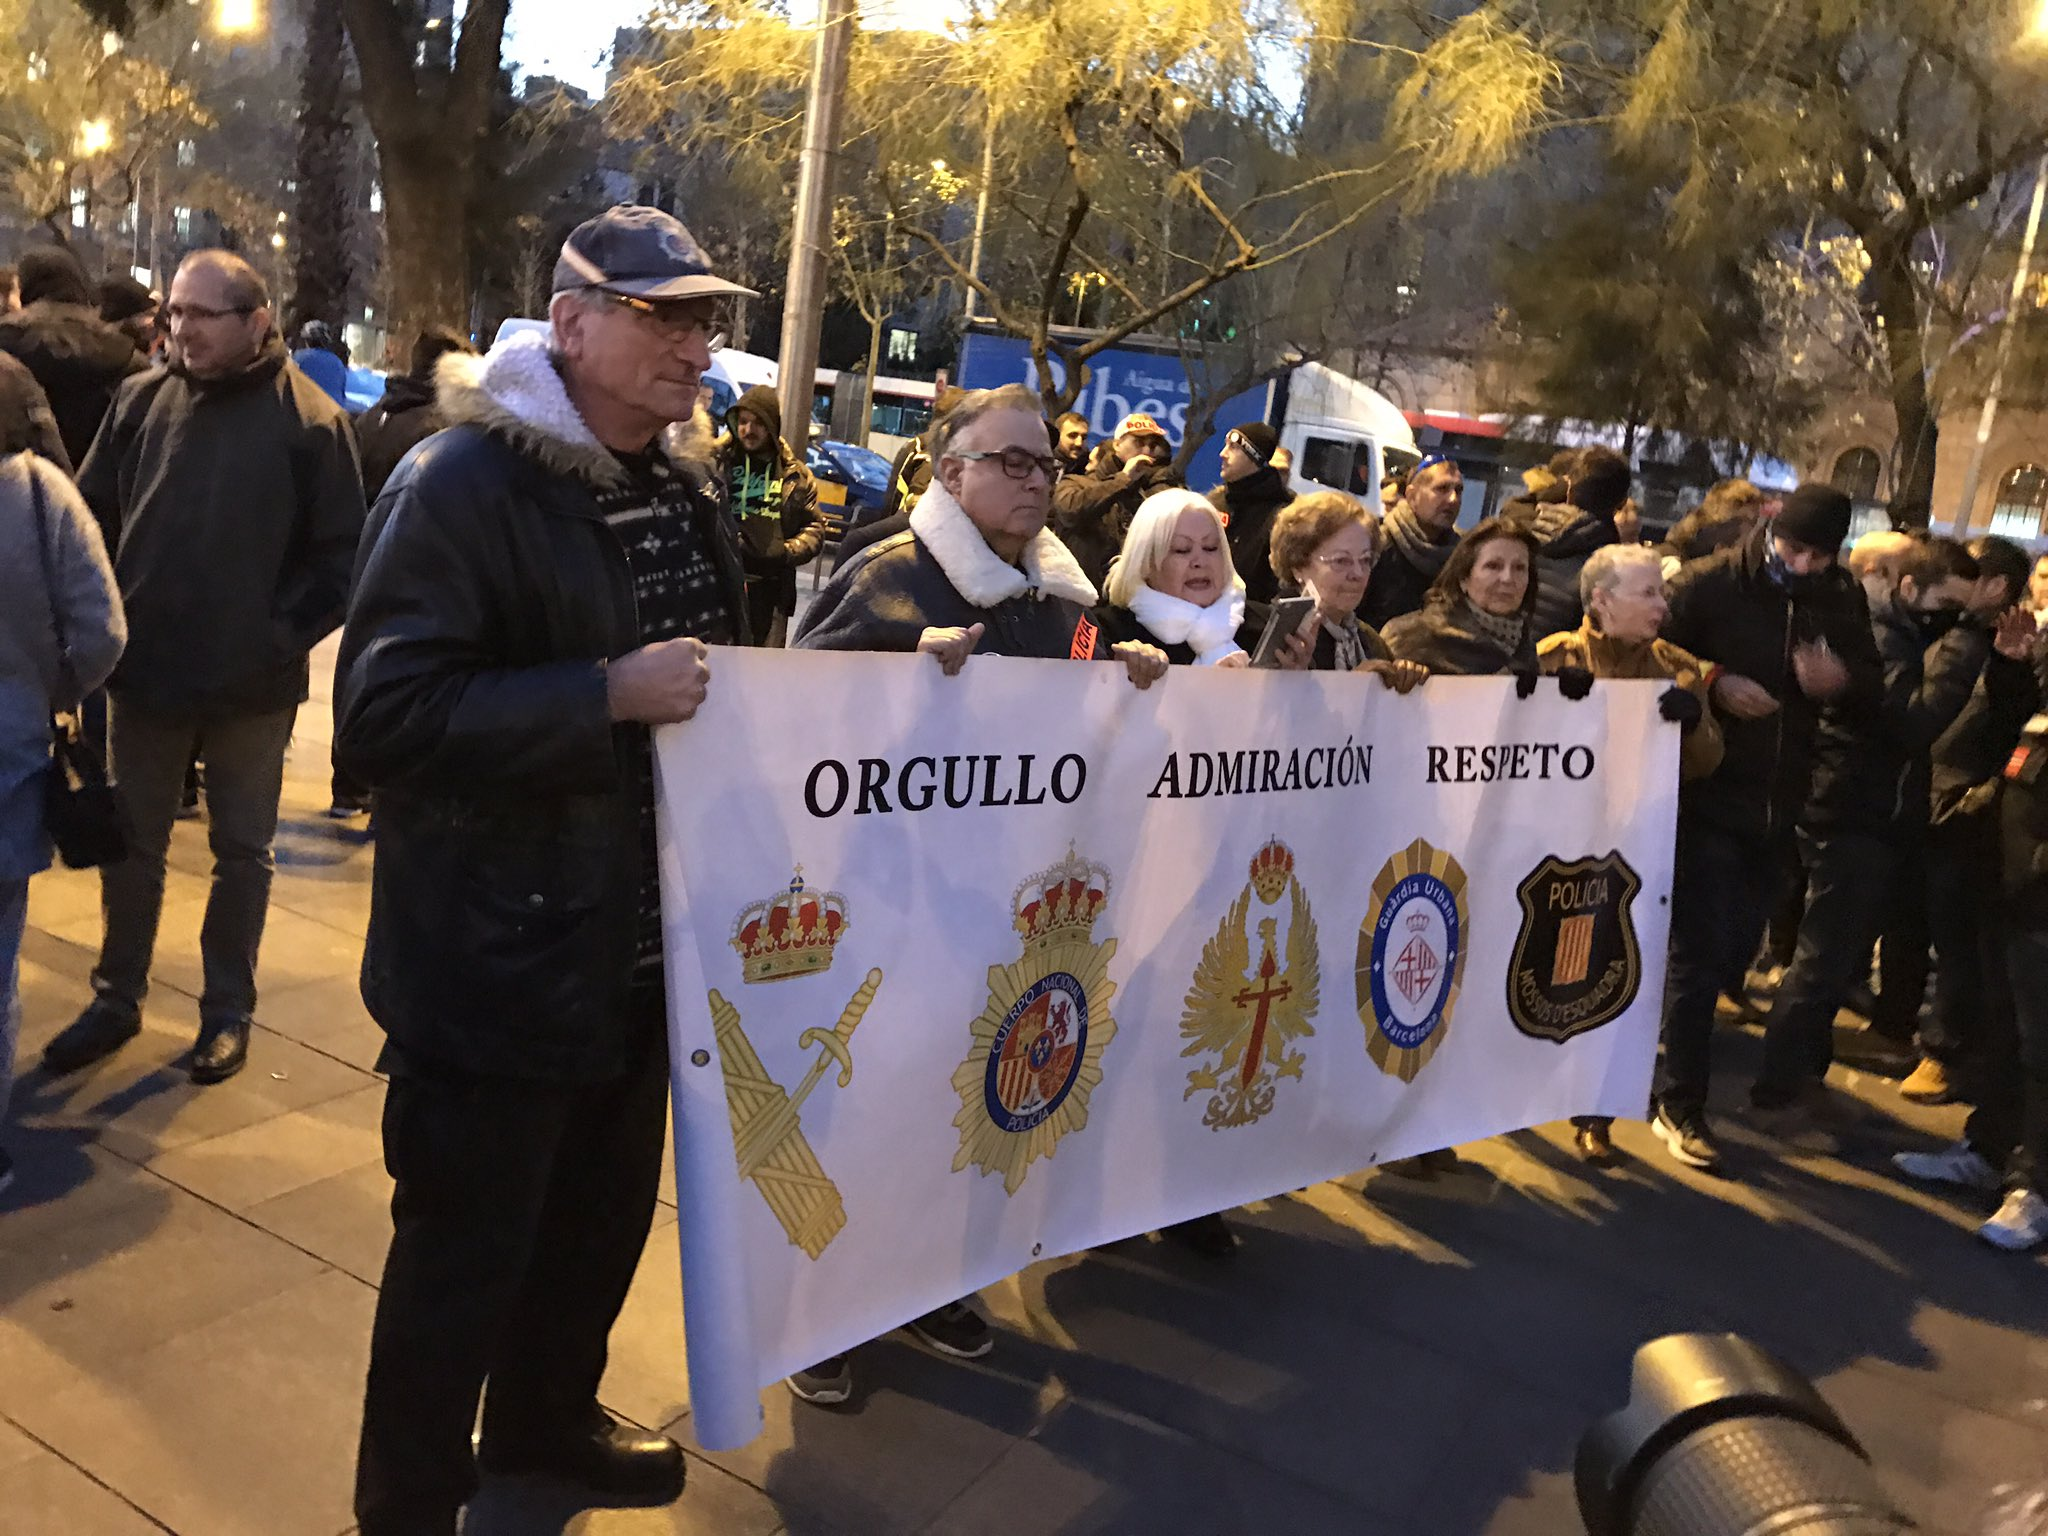 Barcelona (España), martes 17 de enero de 2017. Manifestación de sindicatos de policía de toda España con apoyo de la Guardia, tras el ataque de simpatizantes de la CUP contra el cuartel de la Guardia Civil en Manresa (Barcelona). En la pancarta está a la izquierda el logotipo de la Guardia Civil. Lasvocesdelpueblo